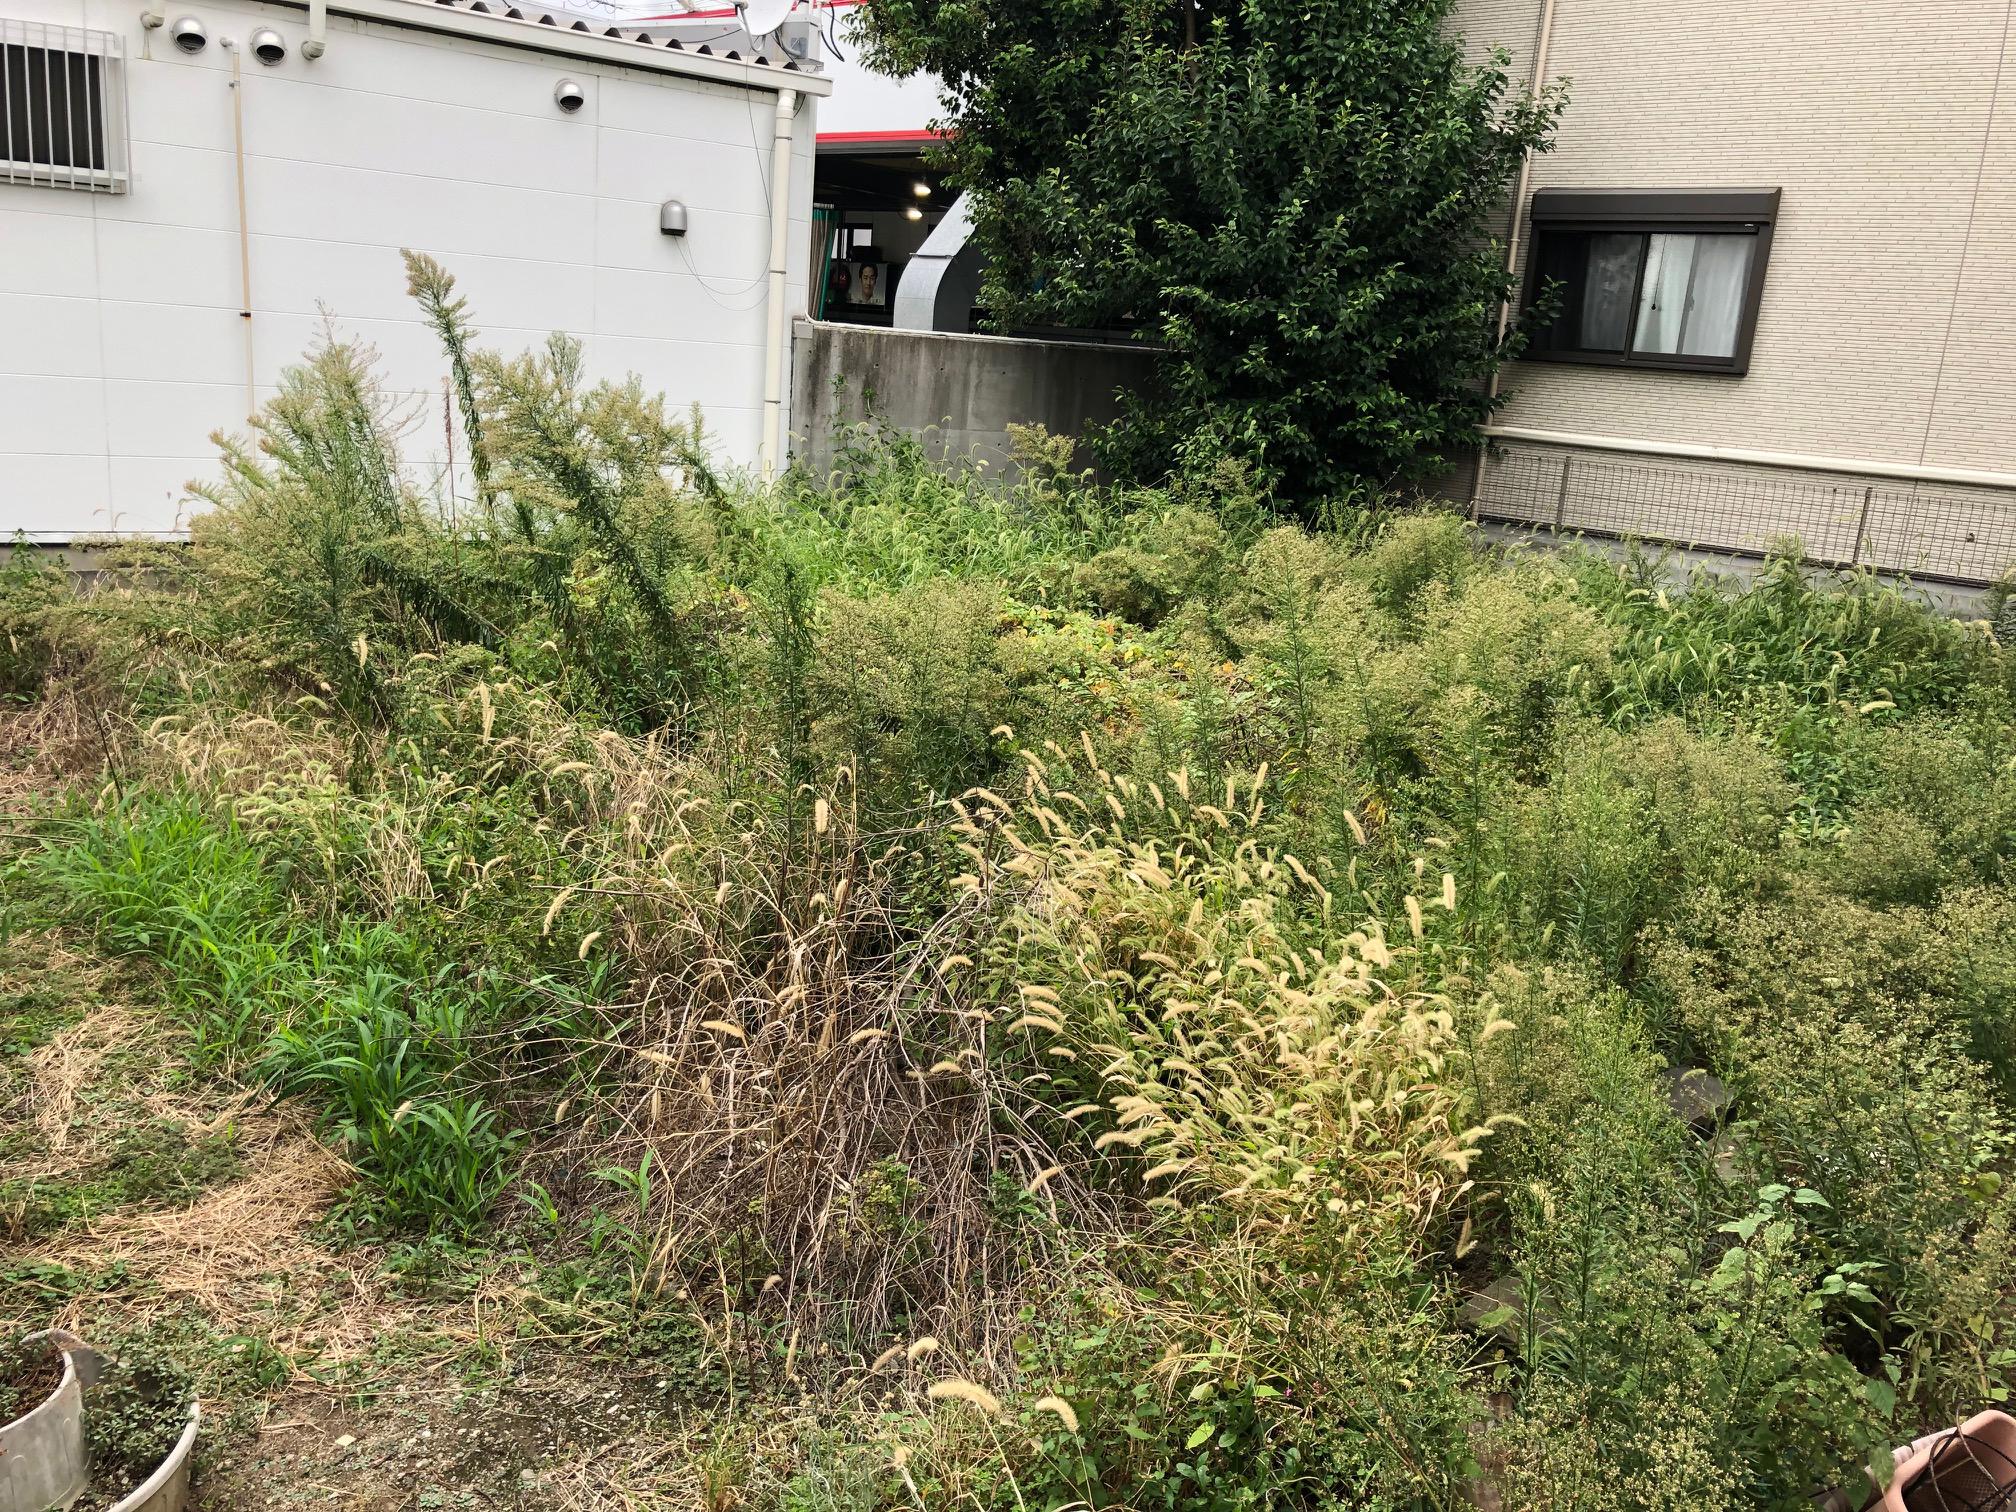 【兵庫県尼崎市】雑草が生えて、虫が大量に発生しているので綺麗に舗装してほしい